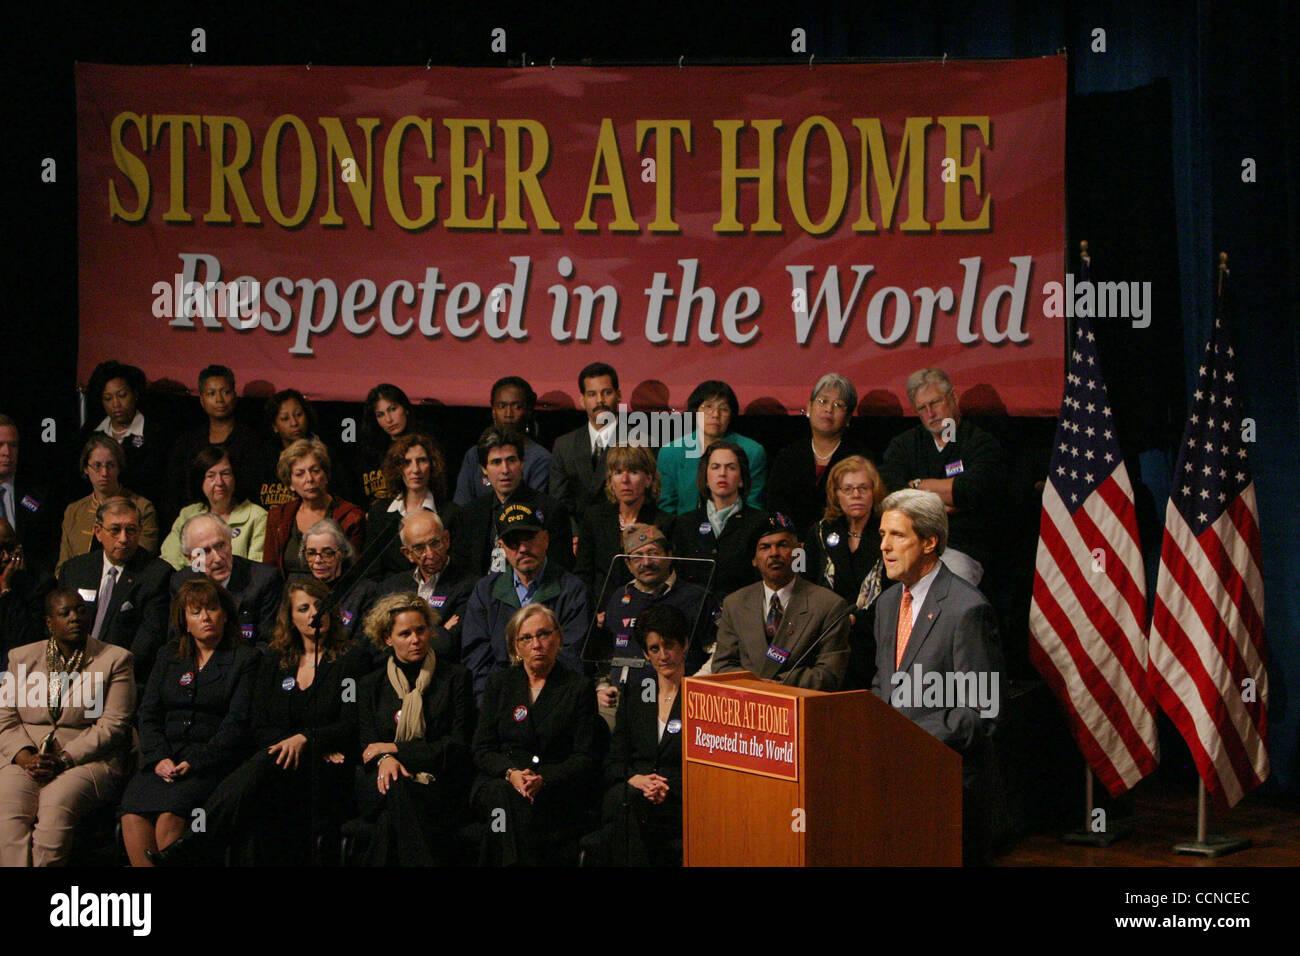 Sep 20, 2004; New York, NY, USA; Demokratischen Präsidentschaftskandidaten JOHN KERRY befasst sich mit New York Stockfoto